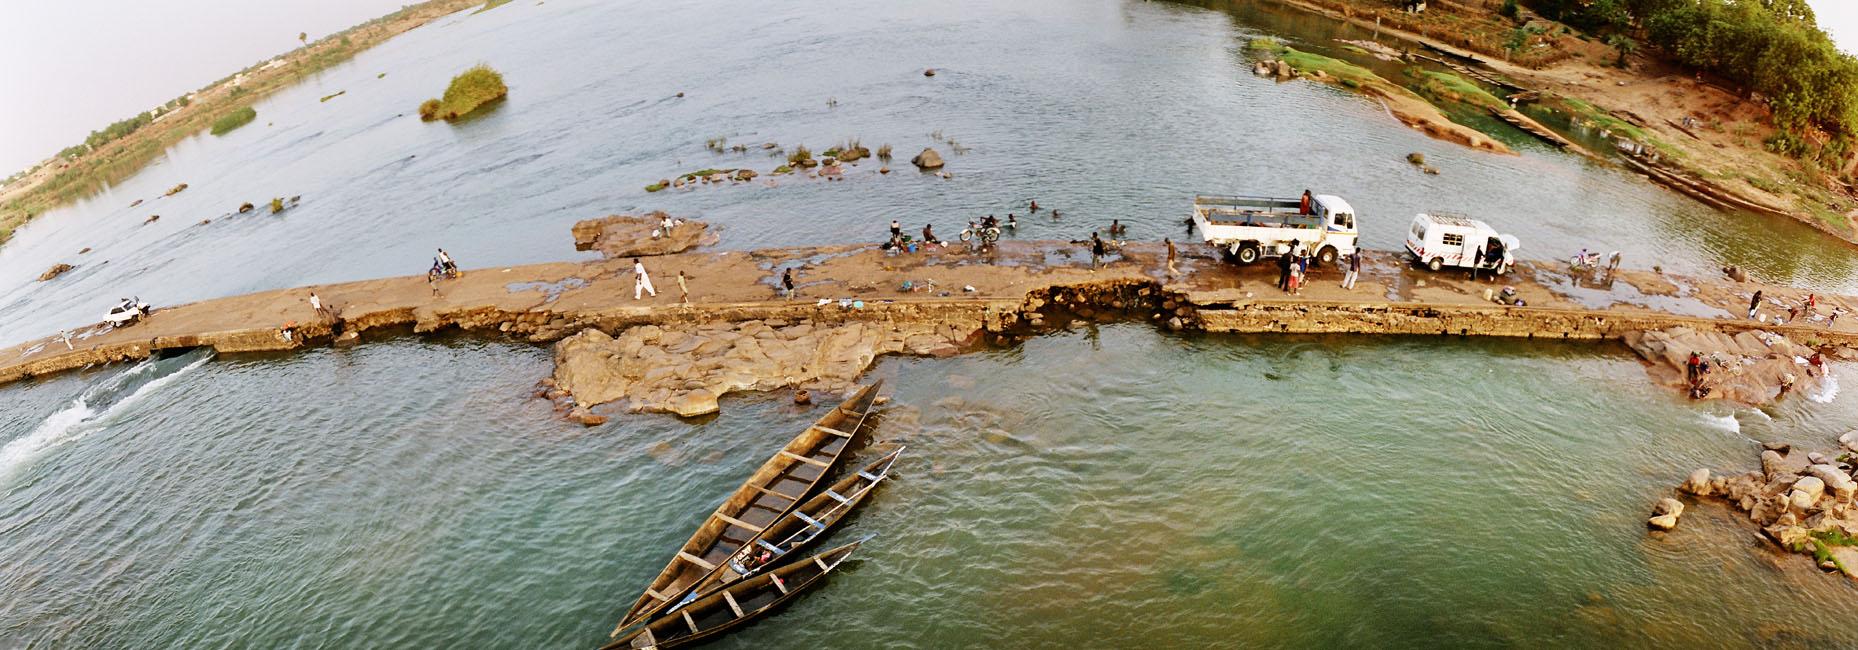 18_5001_Dakar_panorama_11